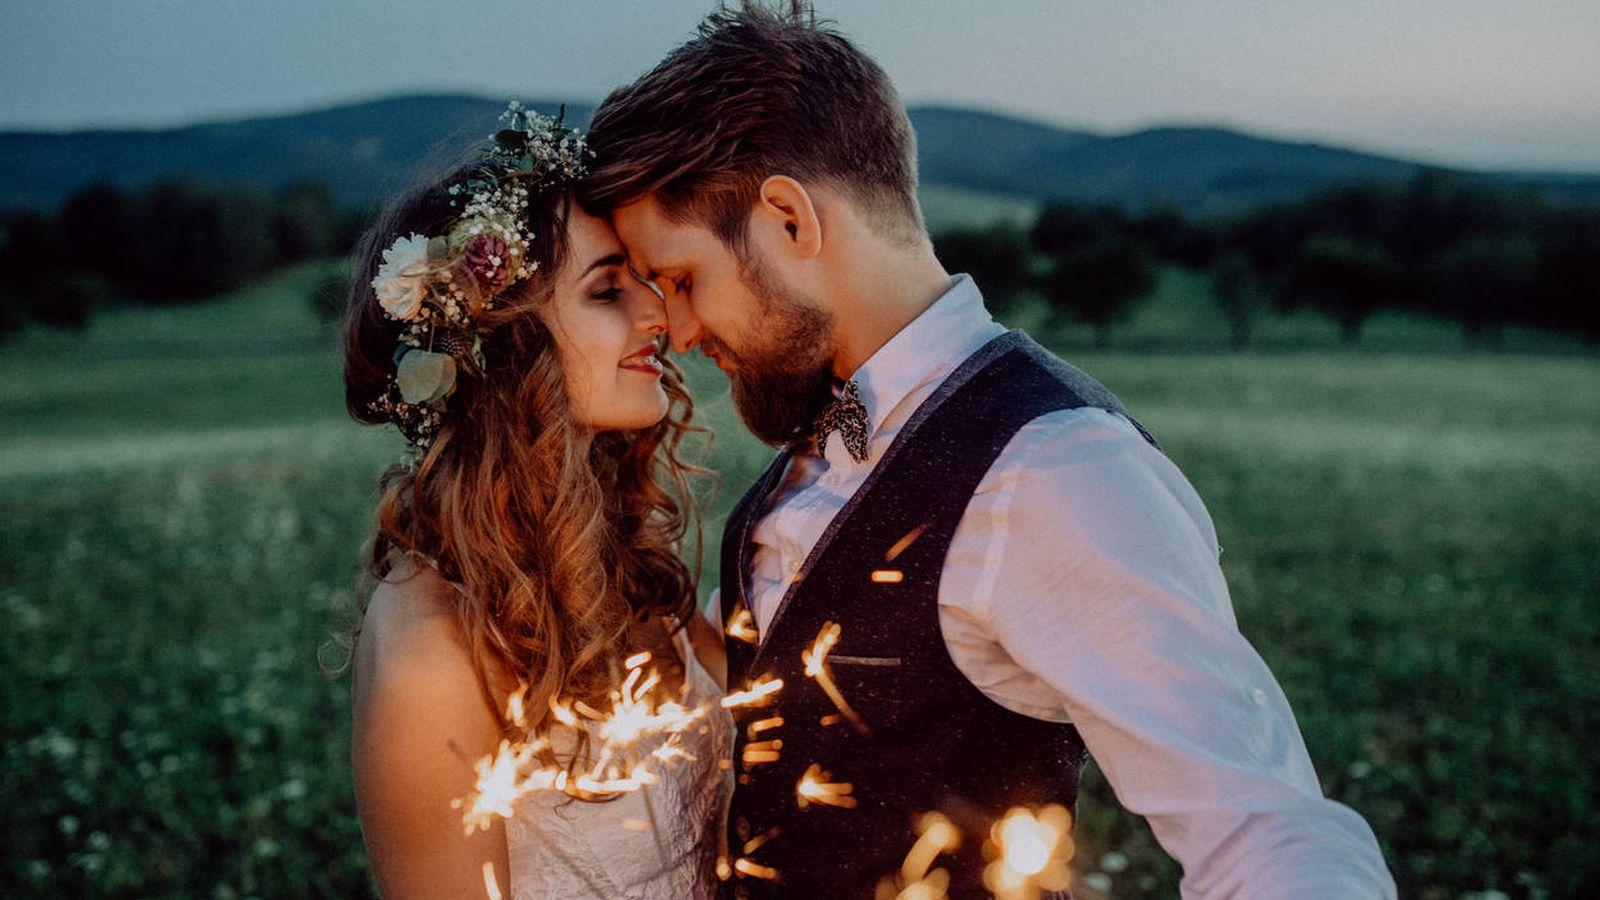 Virales: Las 6 claves del éxito en el matrimonio que se han hecho ...